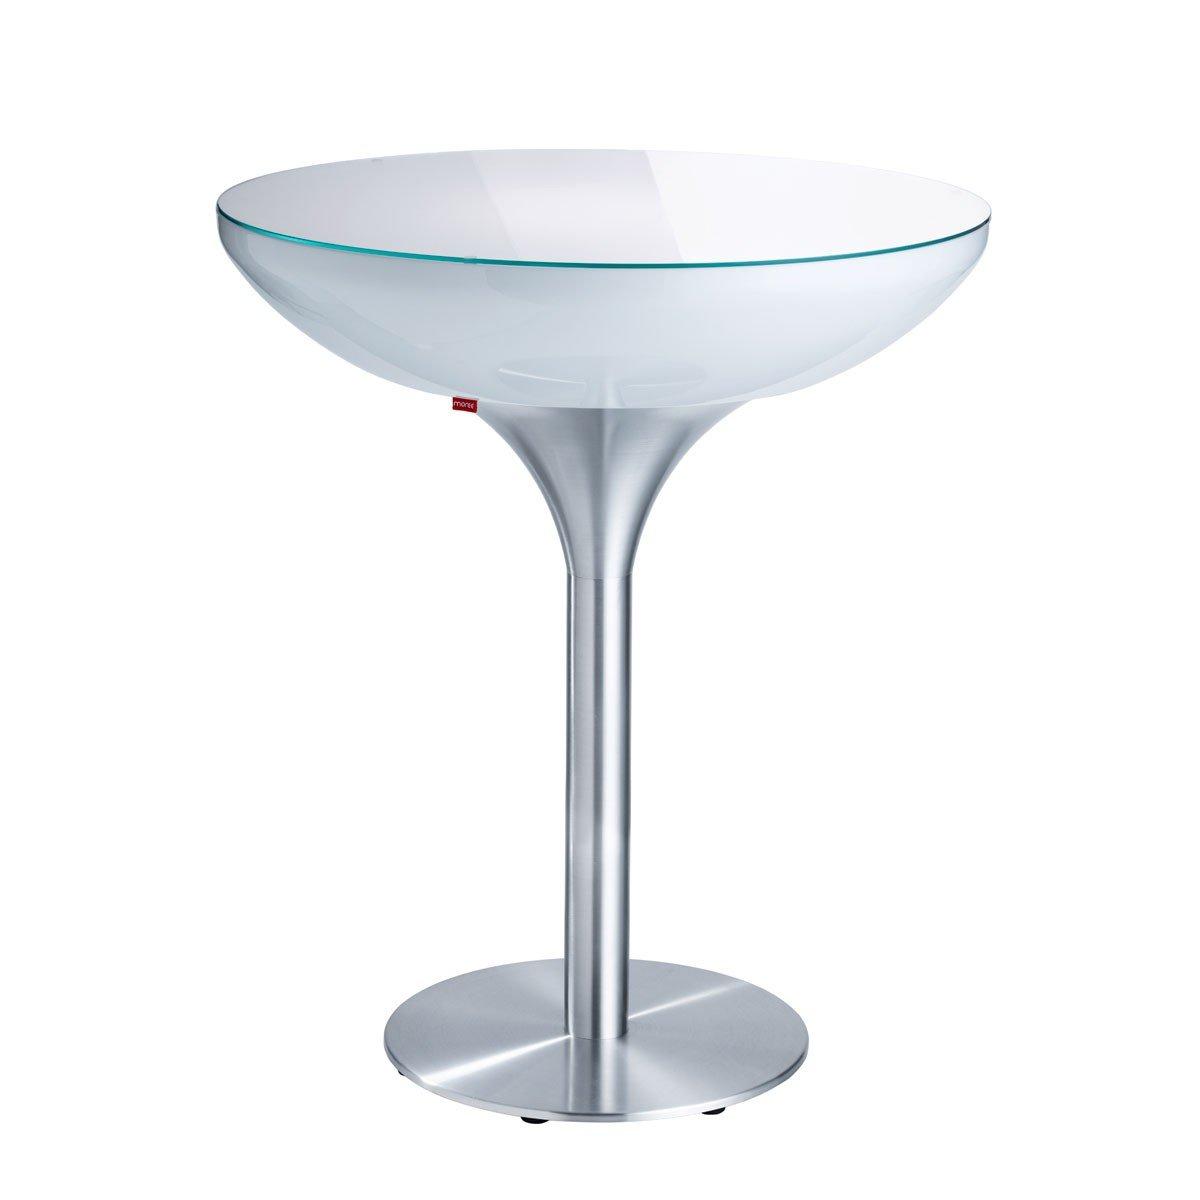 moree Lounge Tisch Lounge 105, Metallisch/Weiß, Aluminium/ Kunststoff, 07-05-03